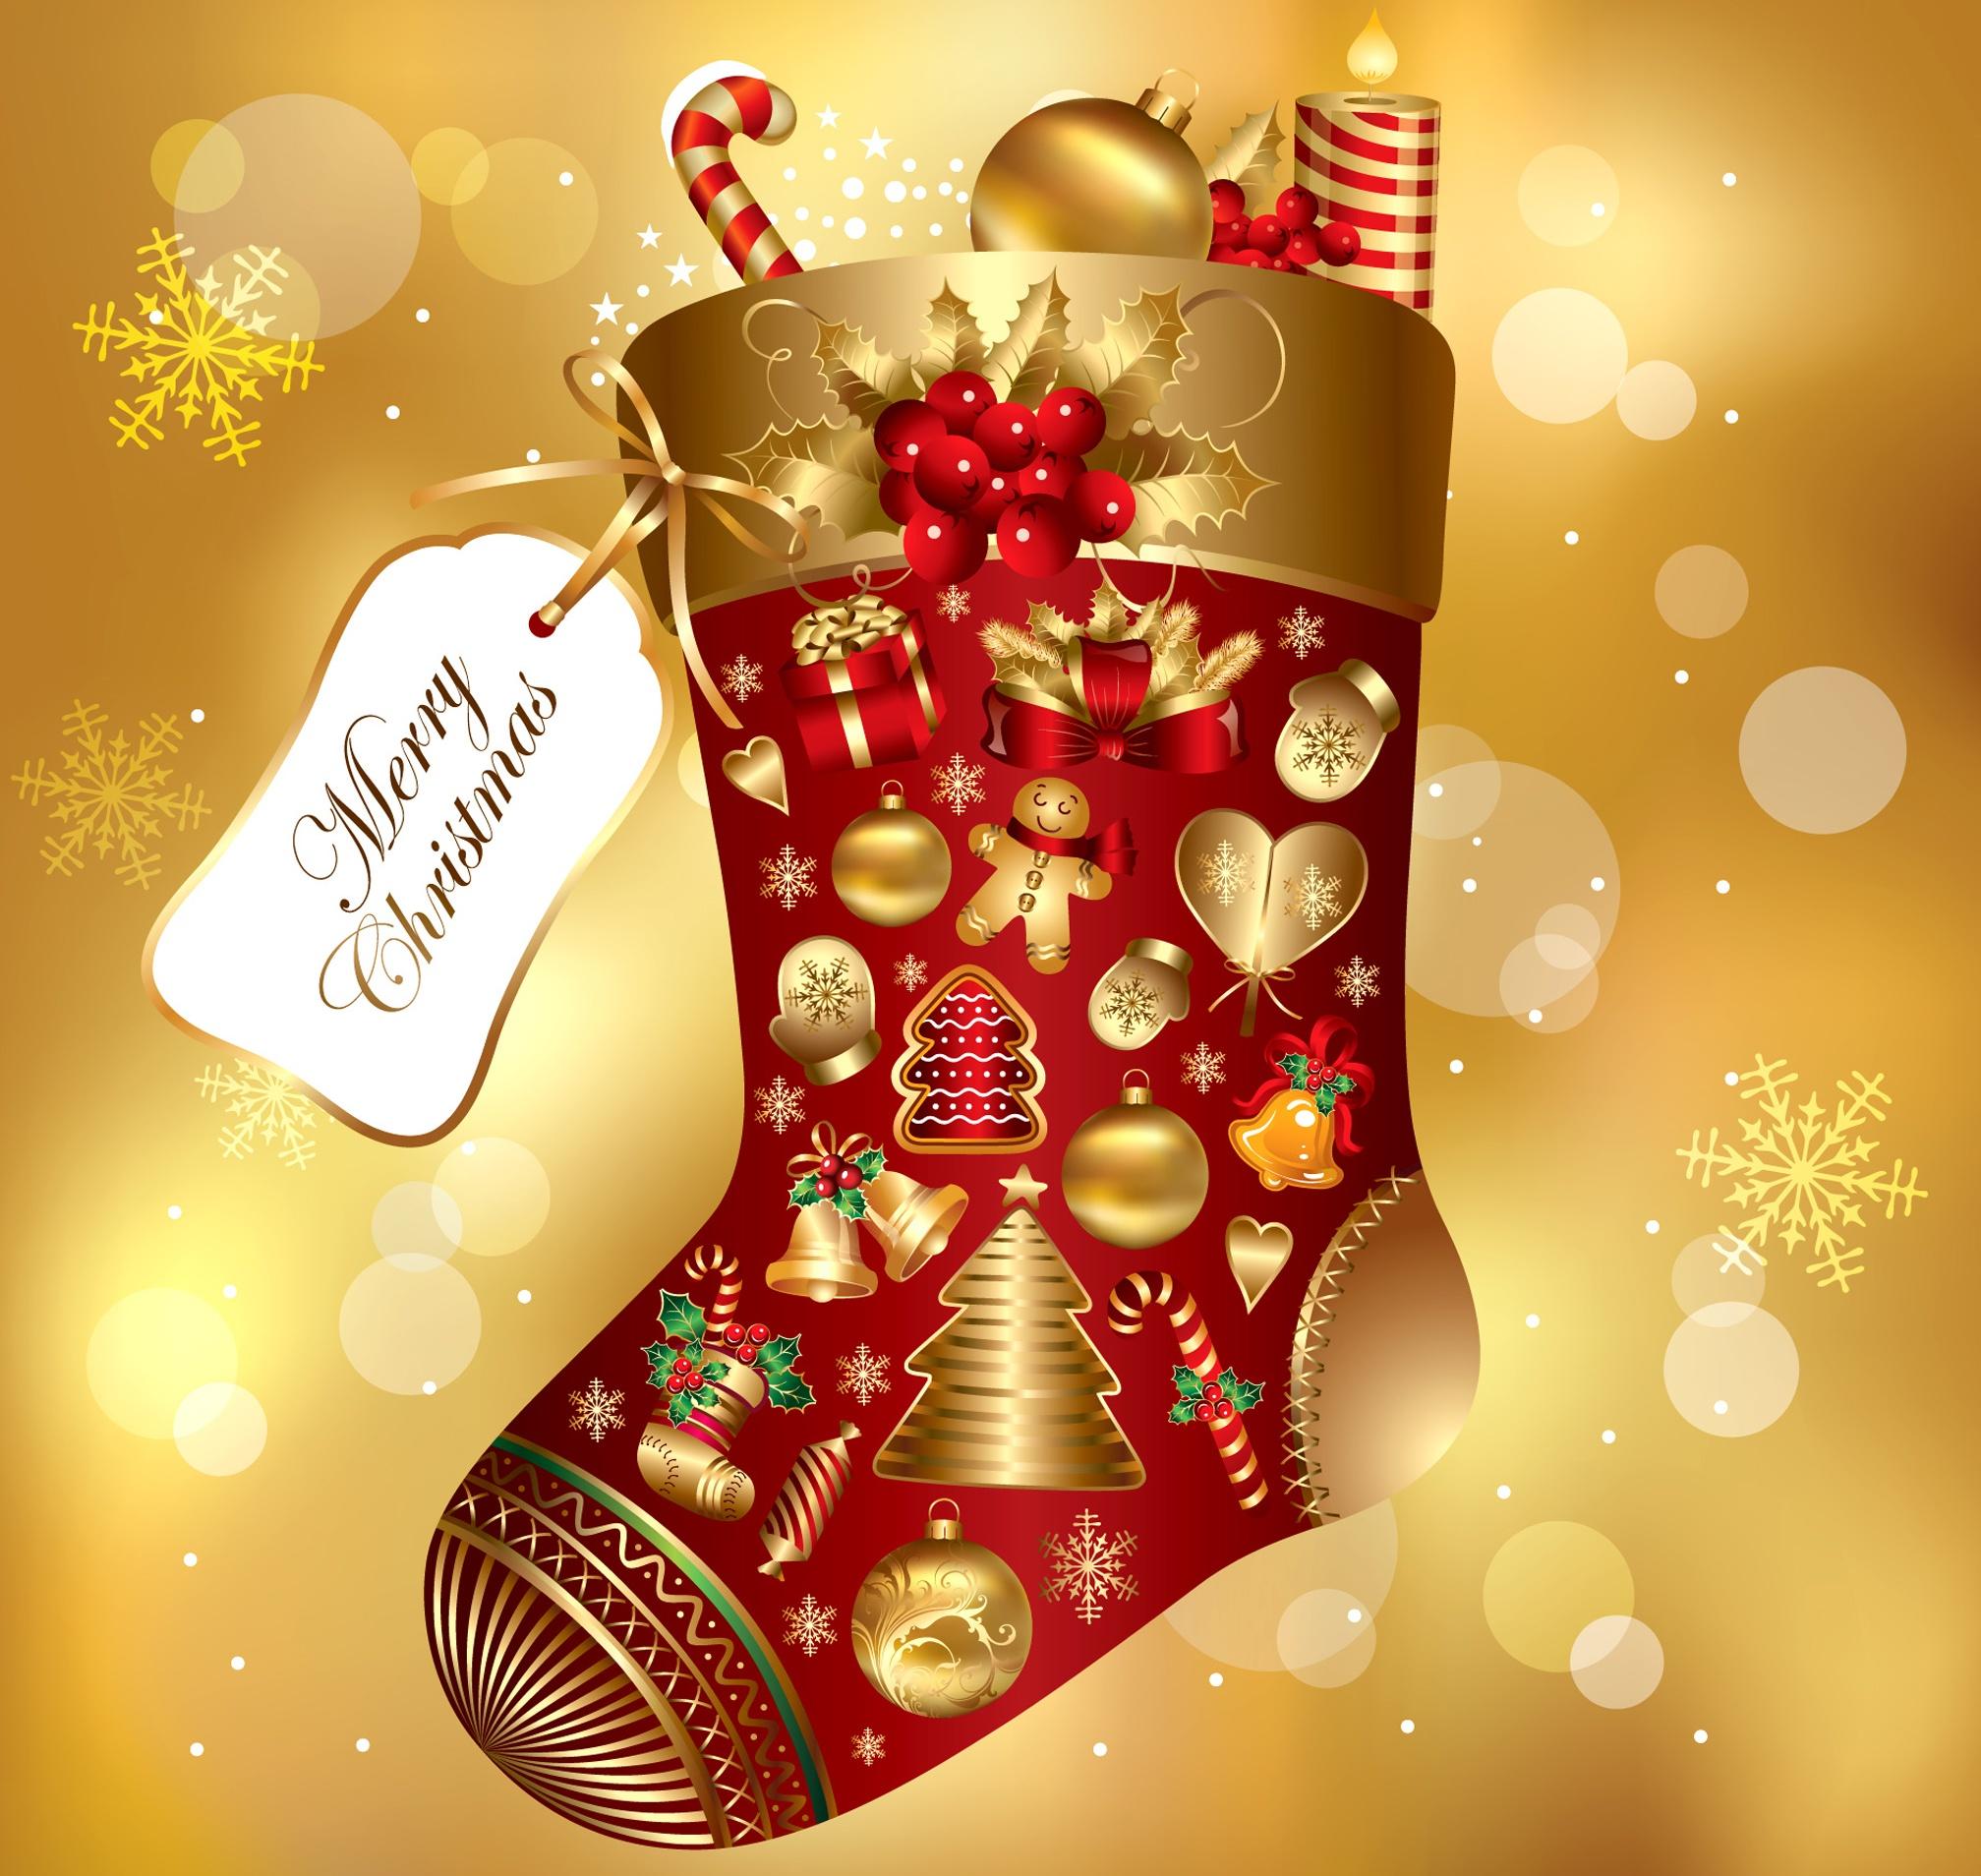 Holiday - Christmas  Christmas Ornaments Merry Christmas Wallpaper